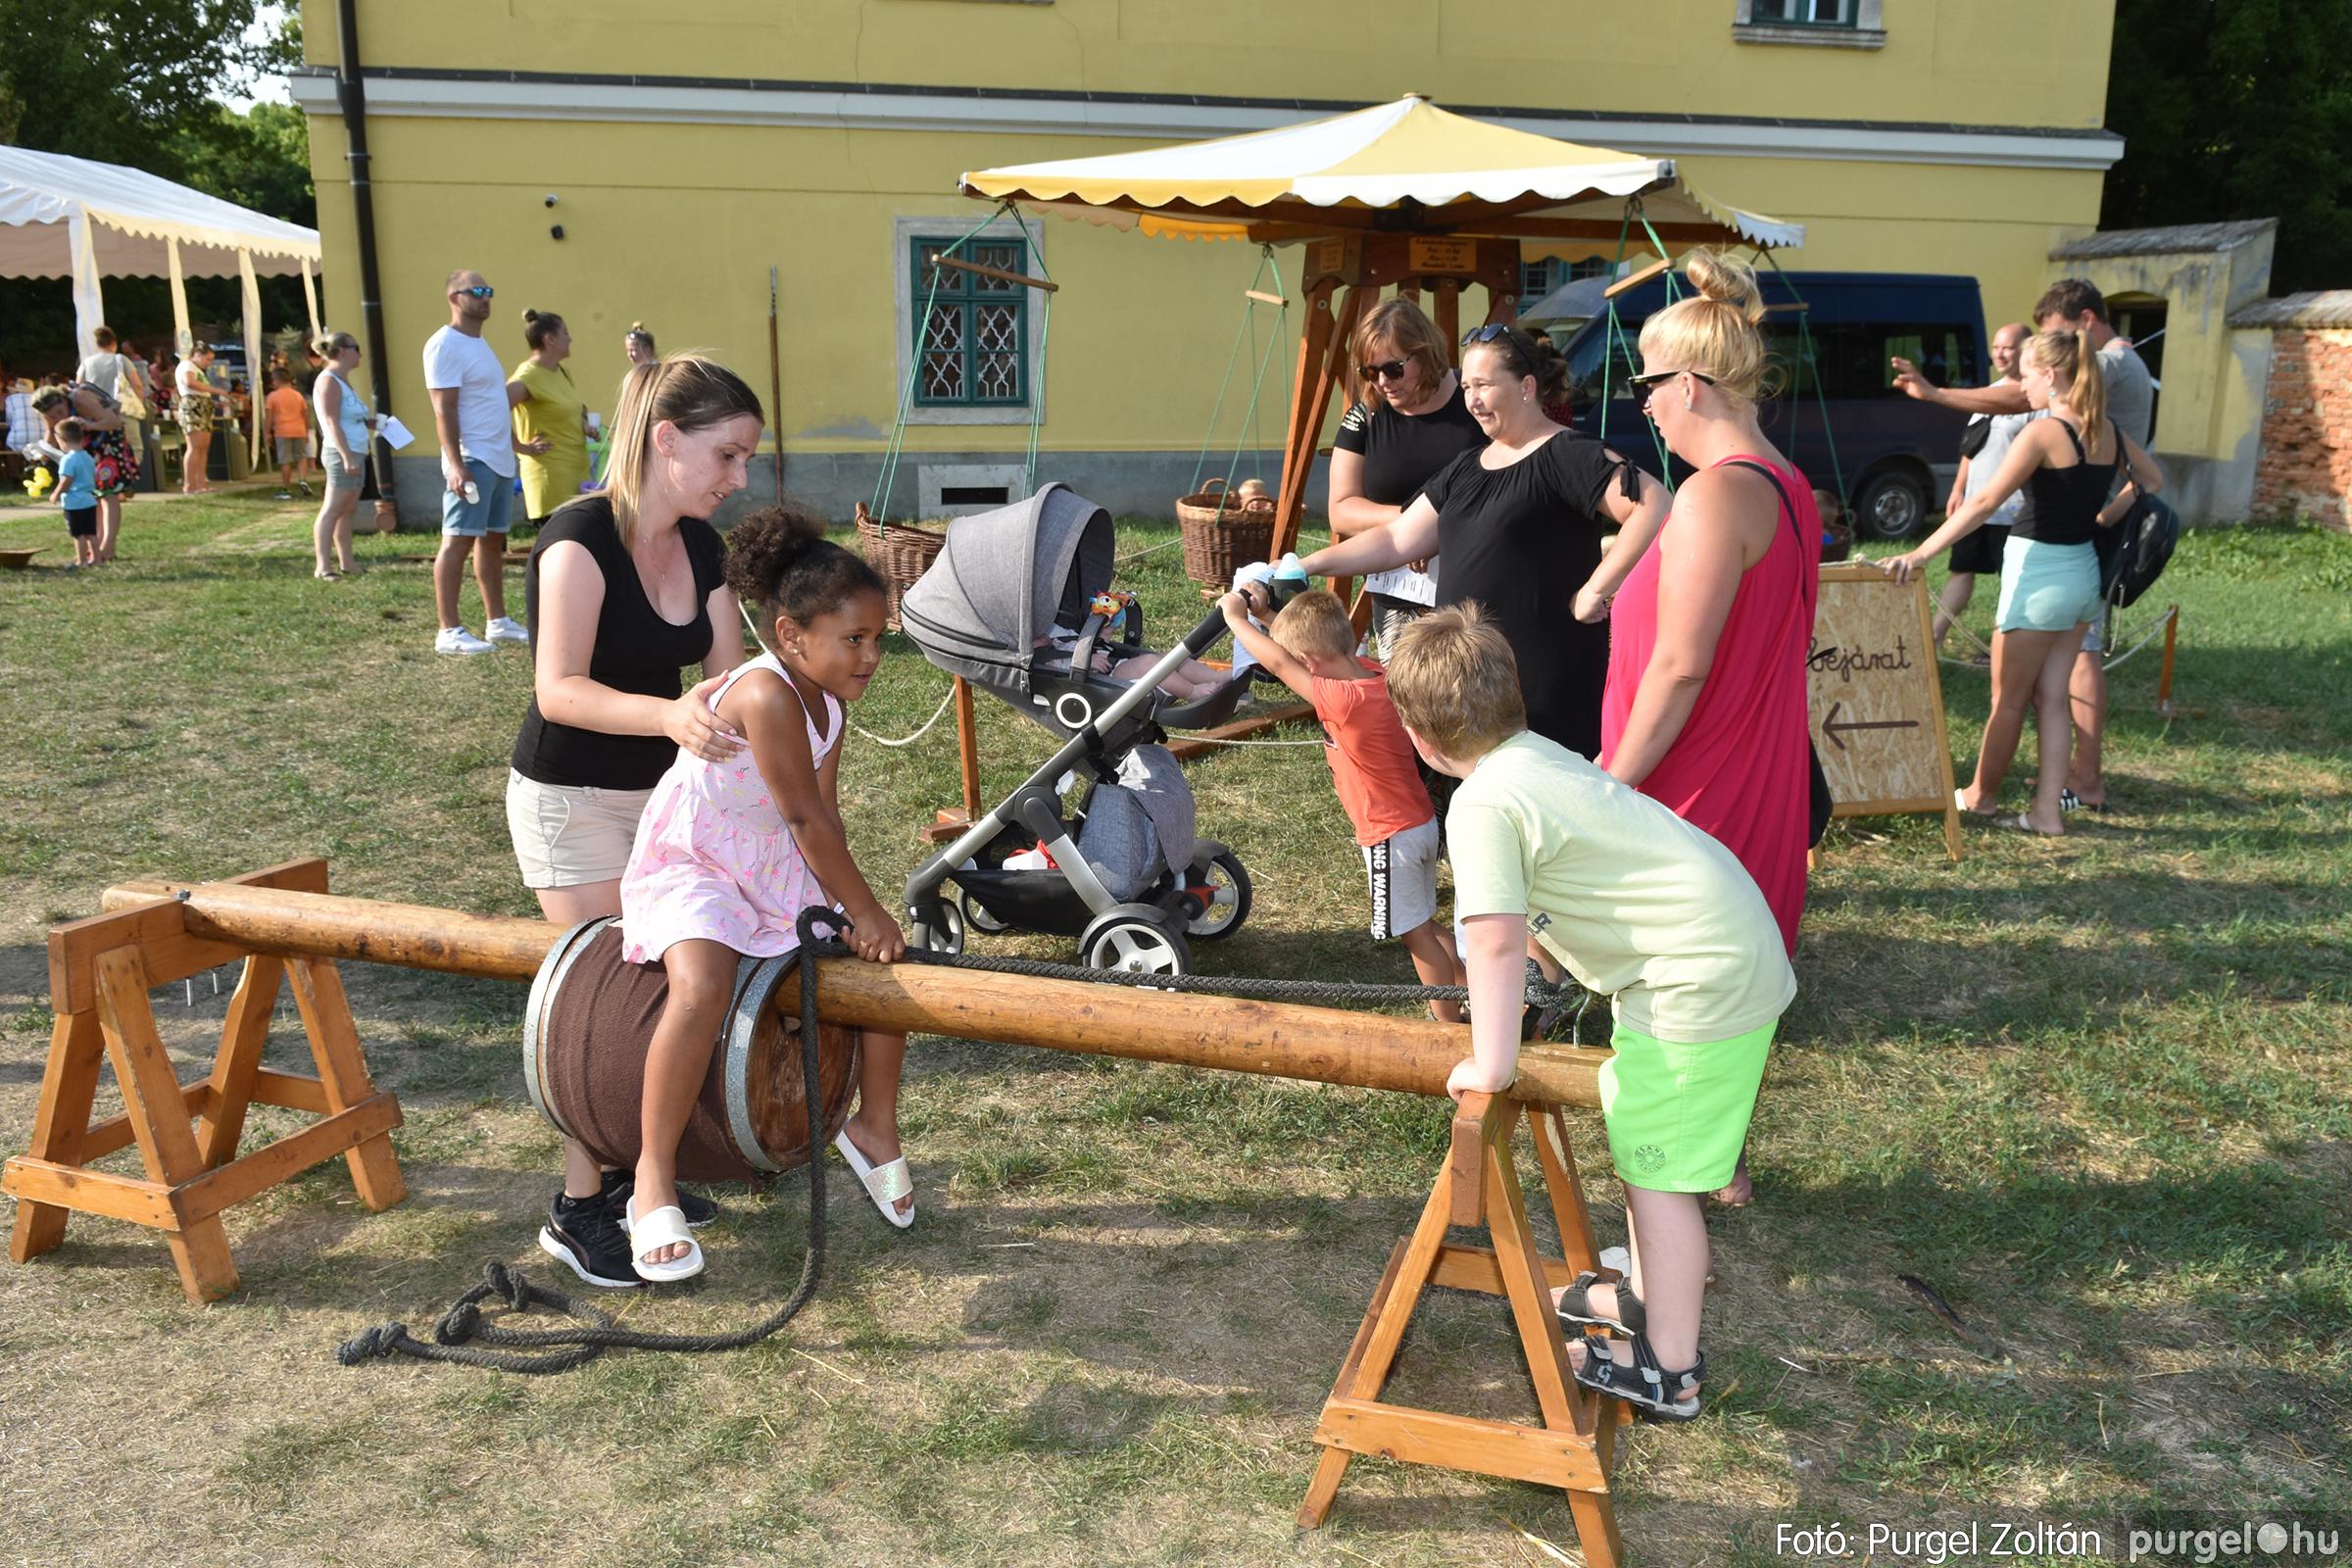 2021.07.31. 120 Családi nap Szegváron - Fotó:PURGEL ZOLTÁN© DSC_8481q.jpg